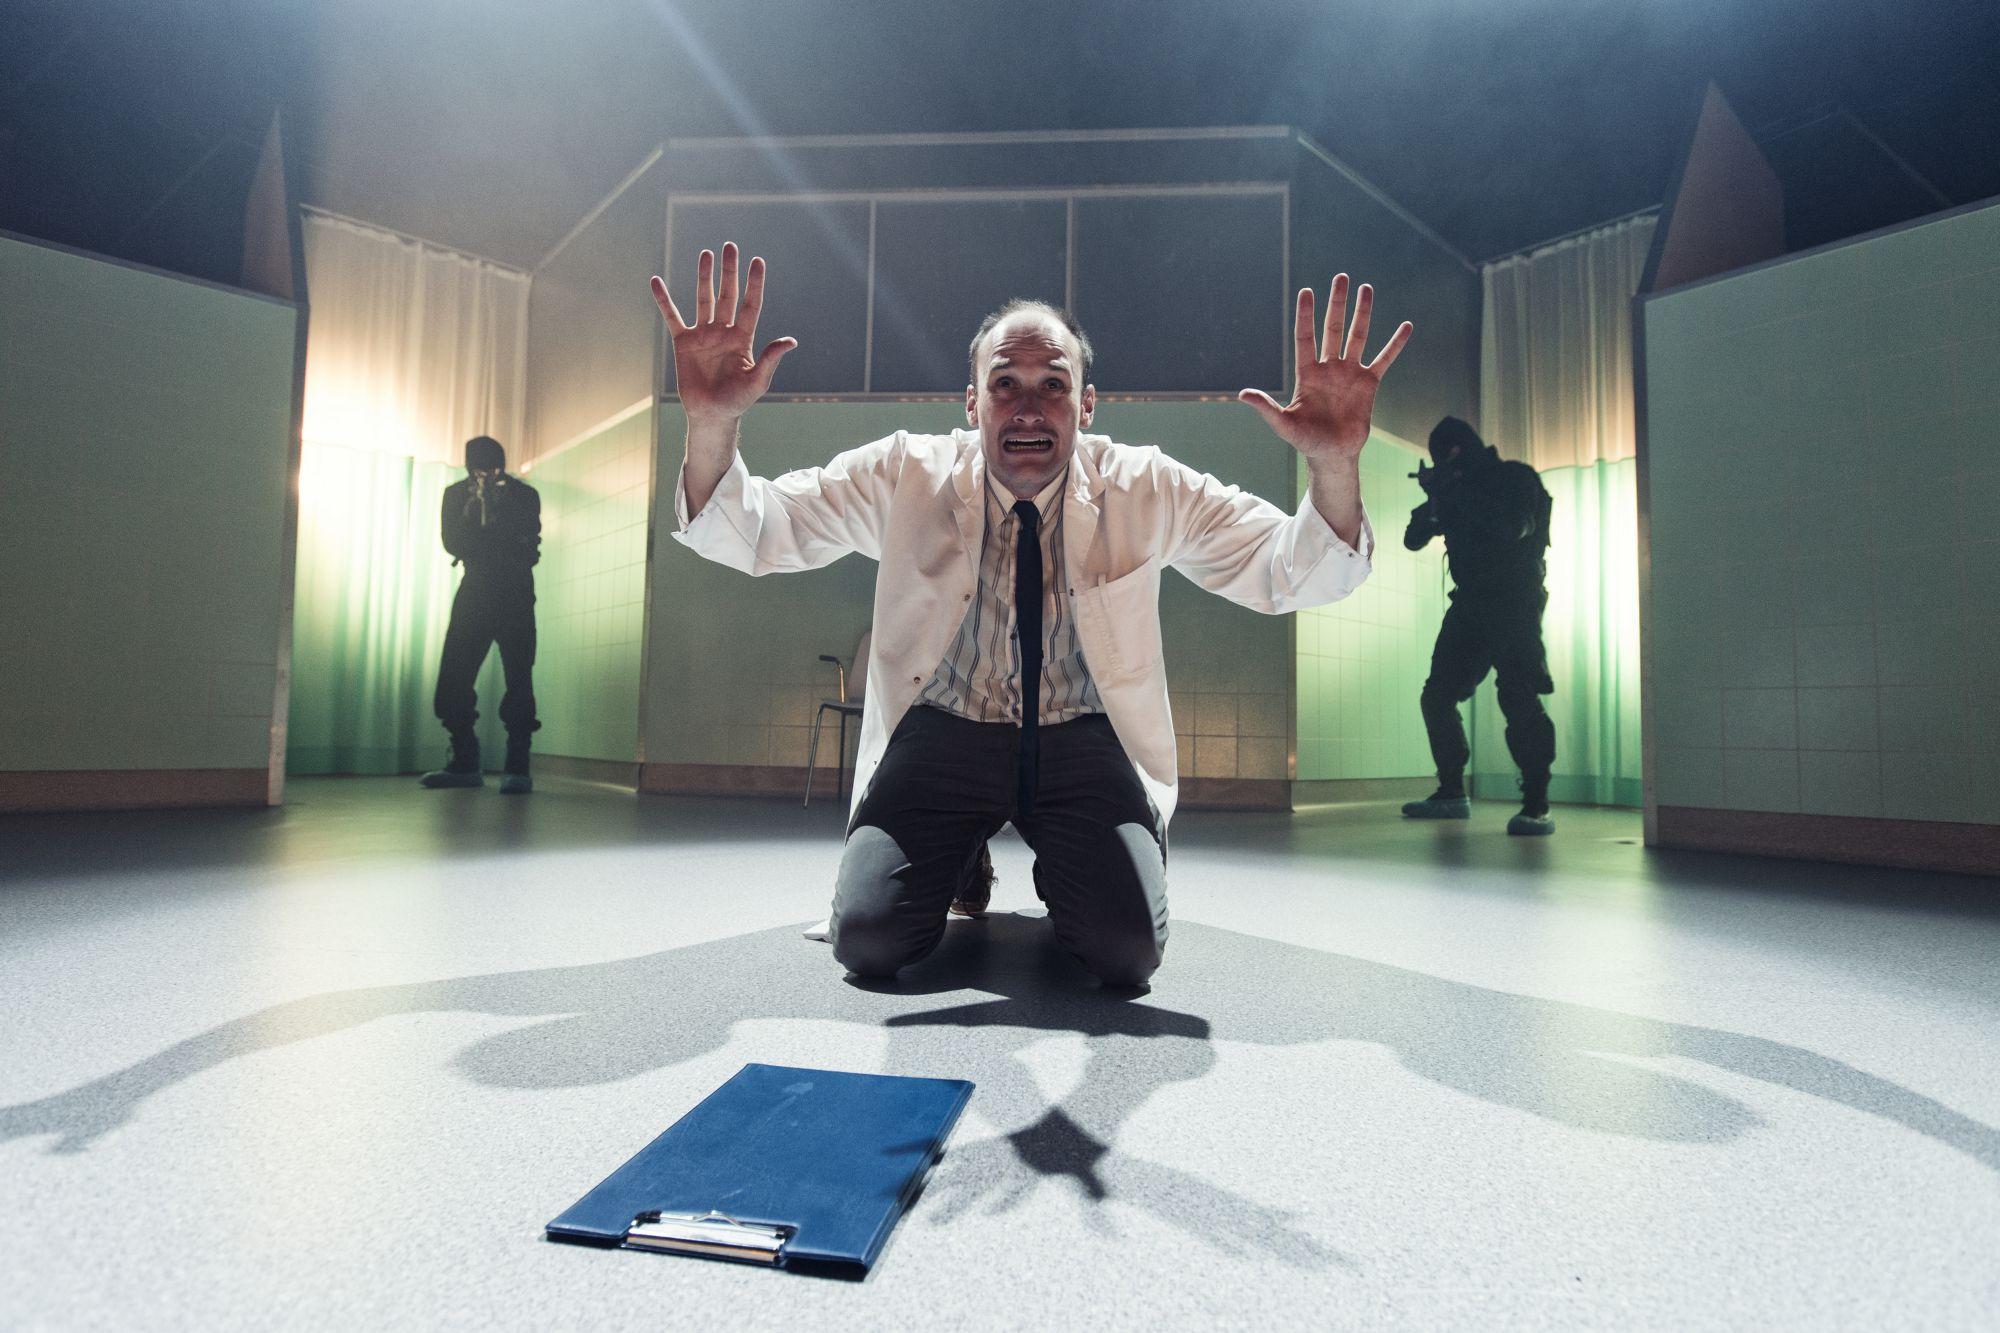 Anmeldelse: Under Gud, over loven, Teater Grob (Von Baden)